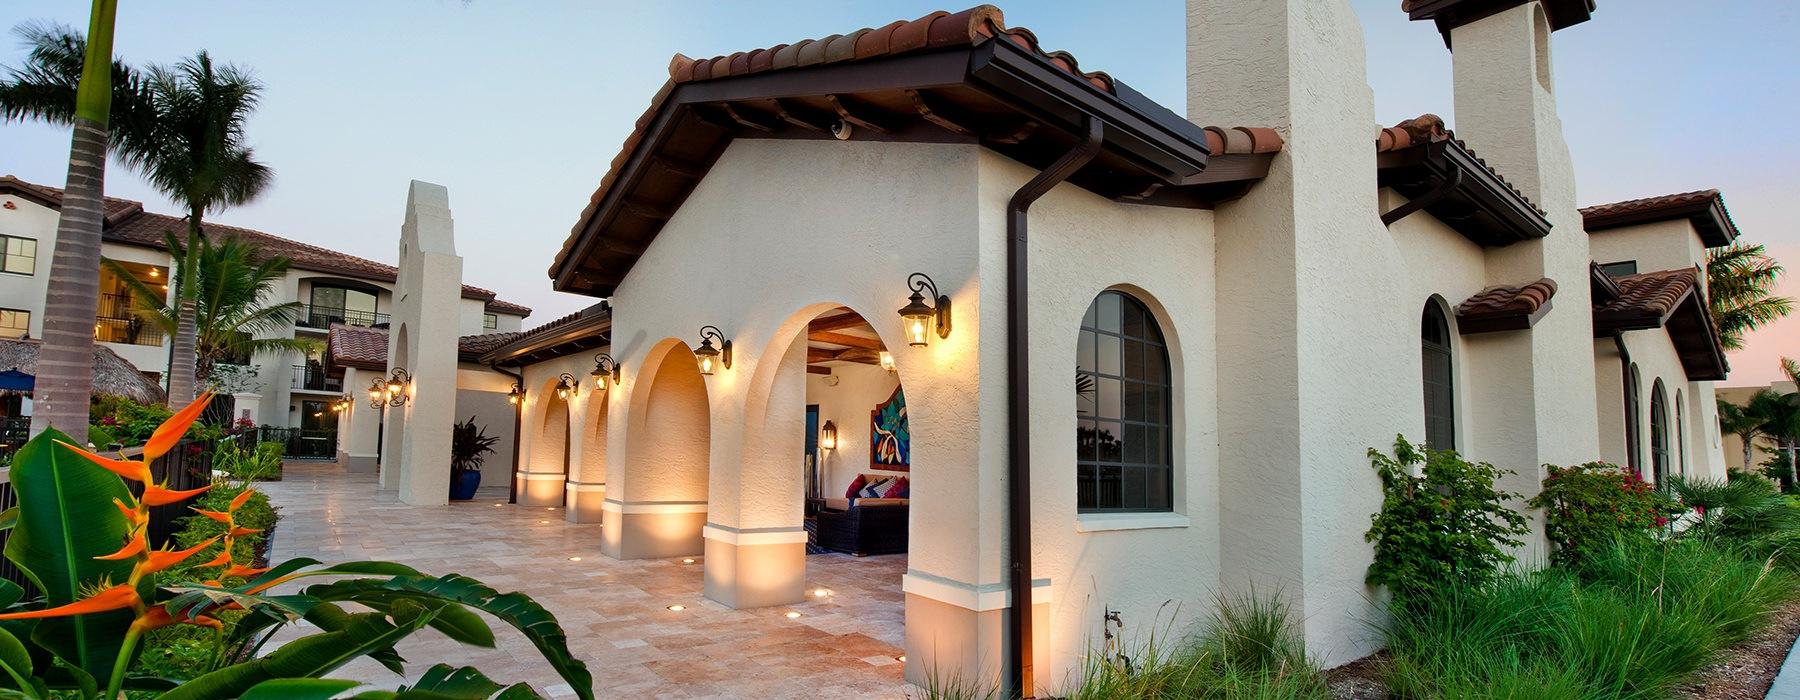 Resident patio